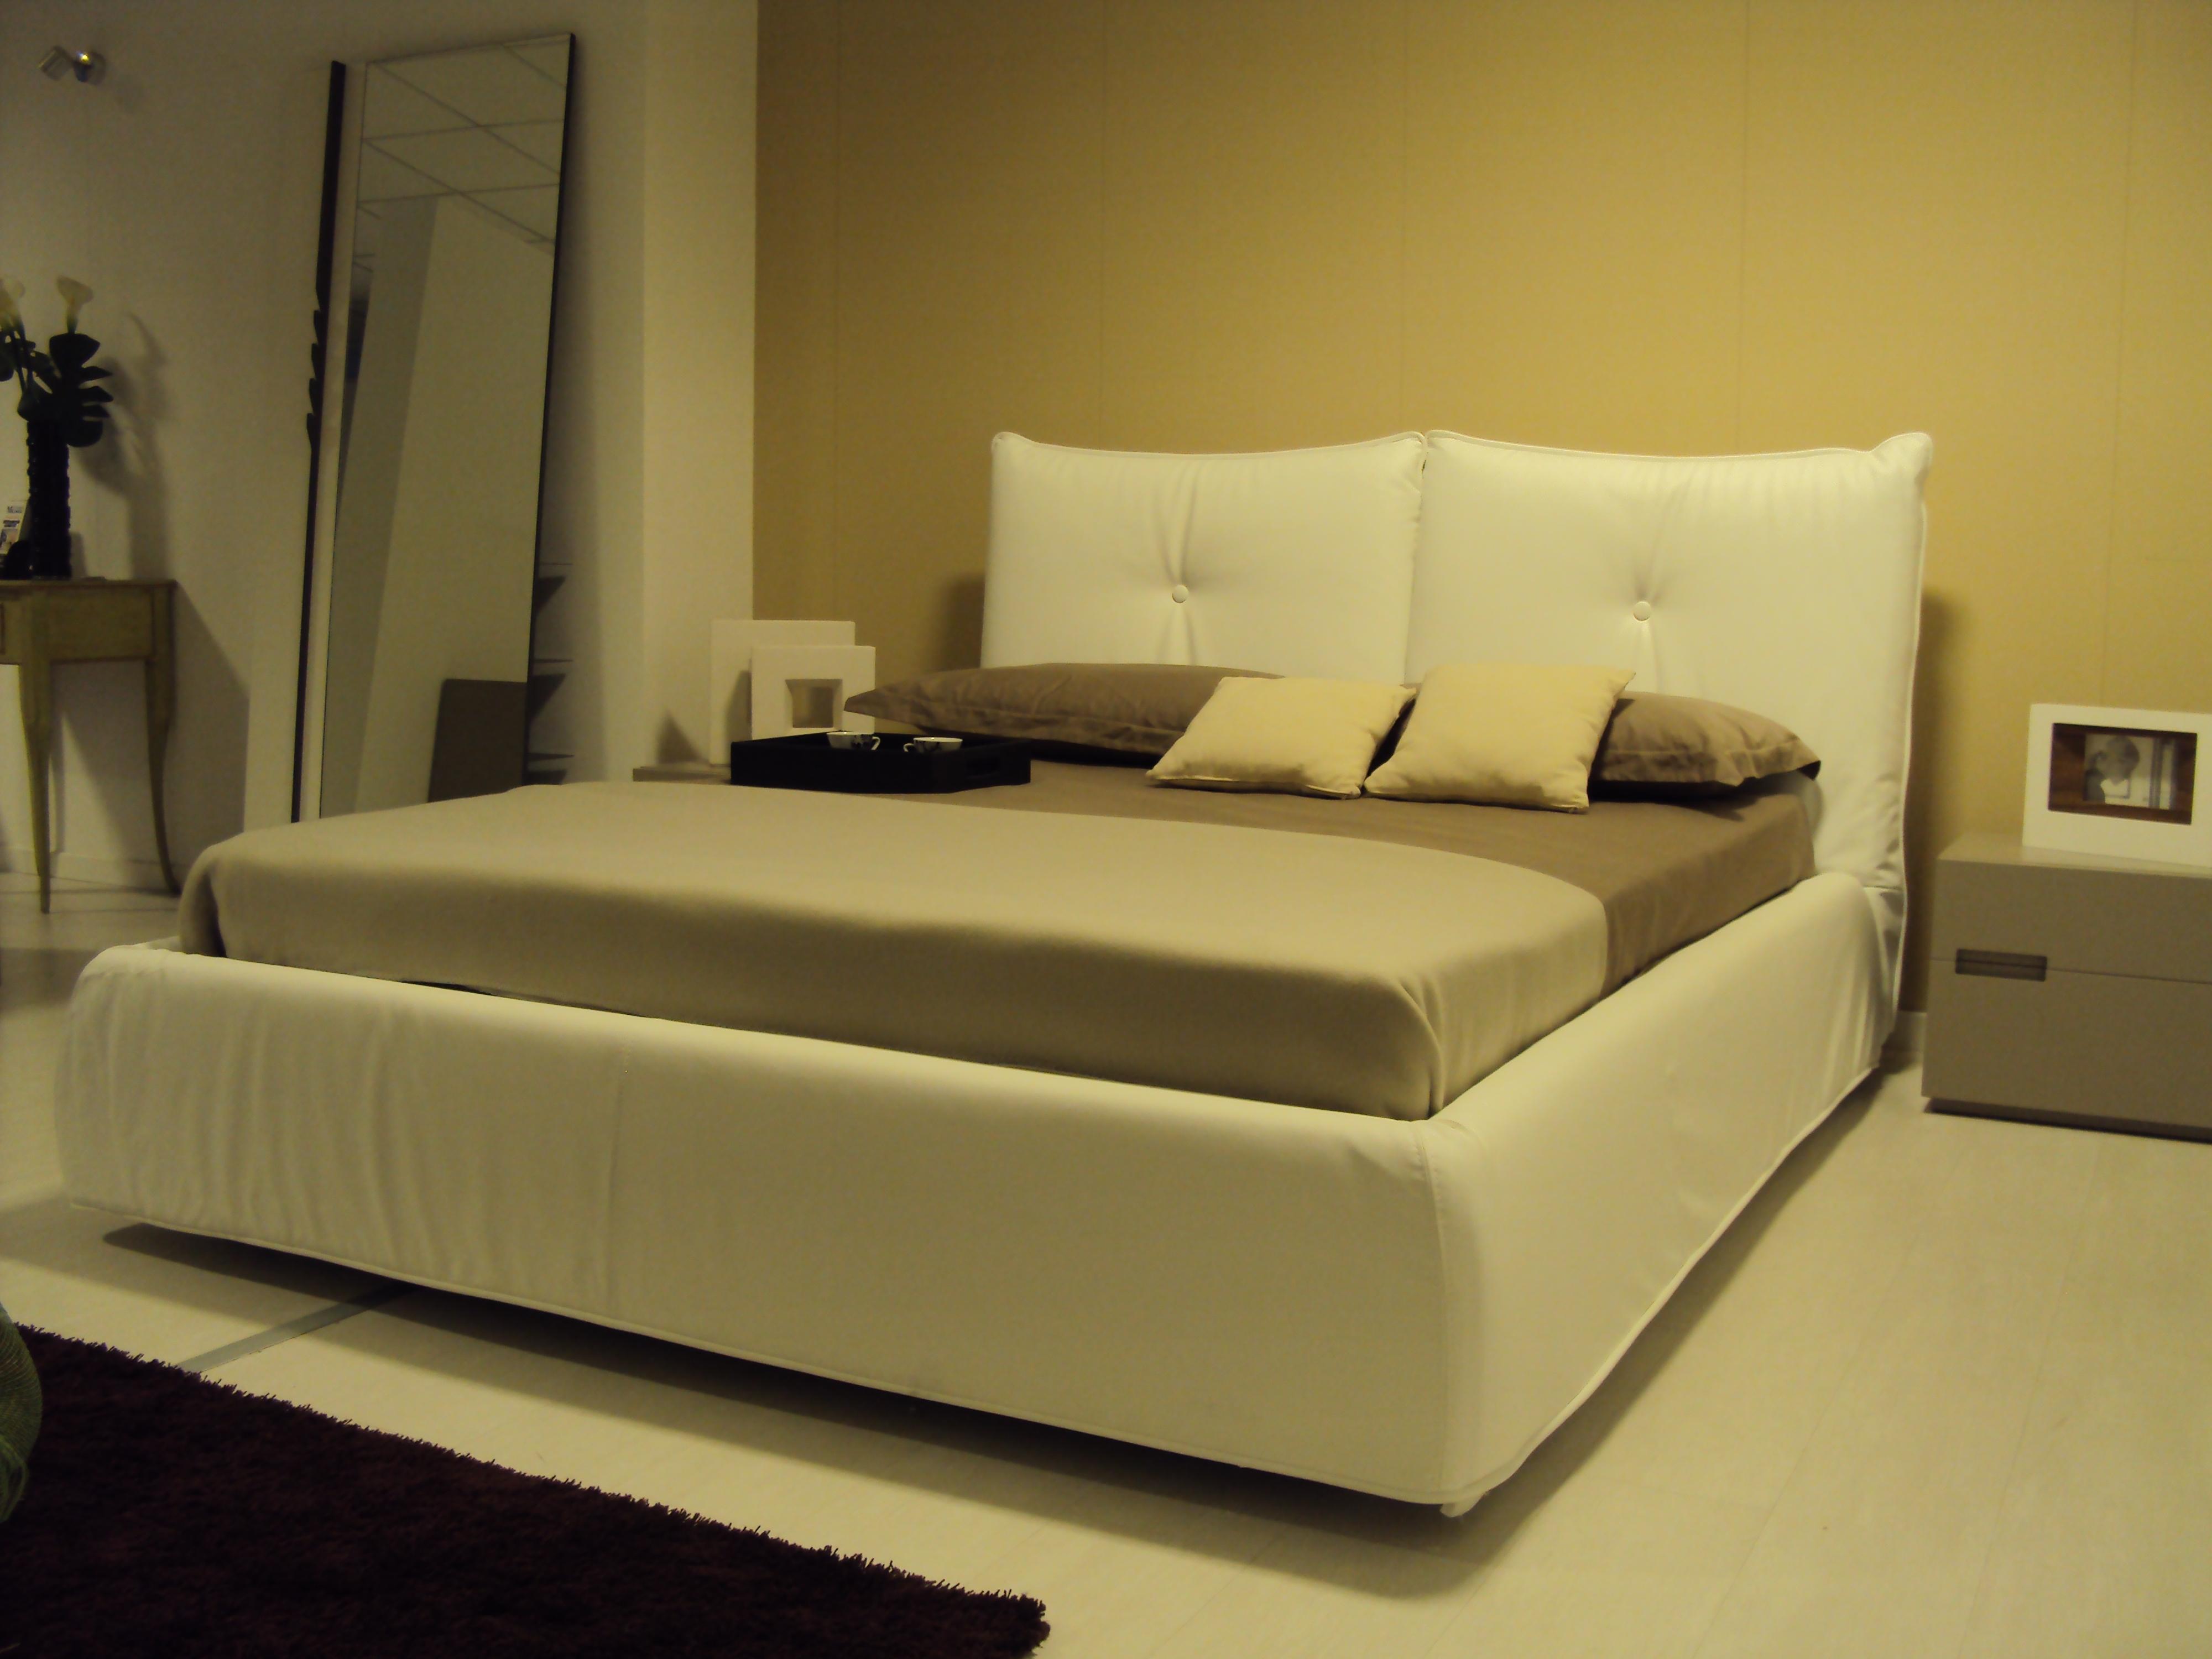 grigio tortora pareti camera da letto ~ ispirazione design casa - Camera Da Letto Color Tortora